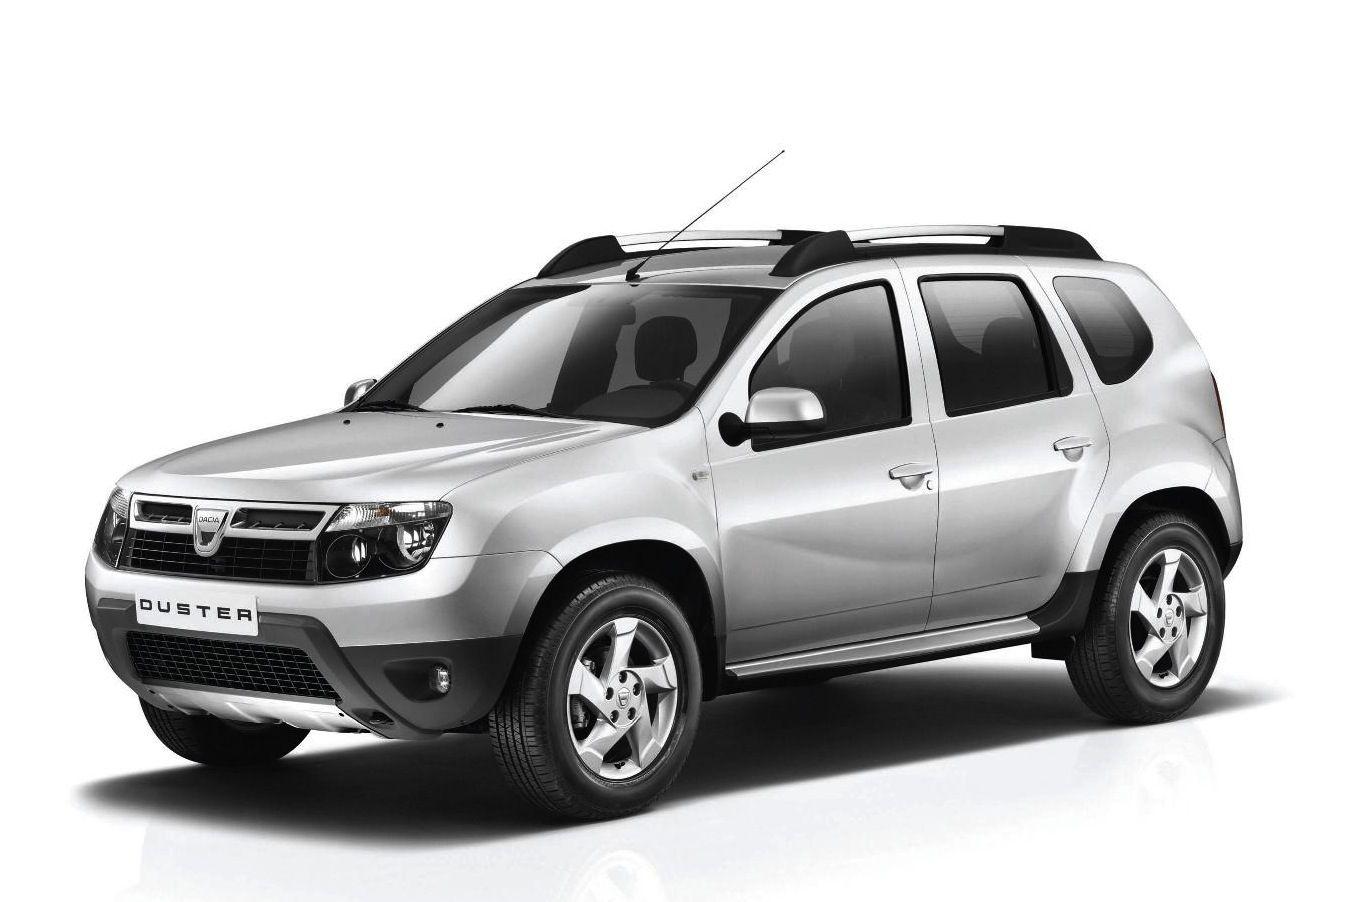 Dacia Duster Suv, Car rental, Car